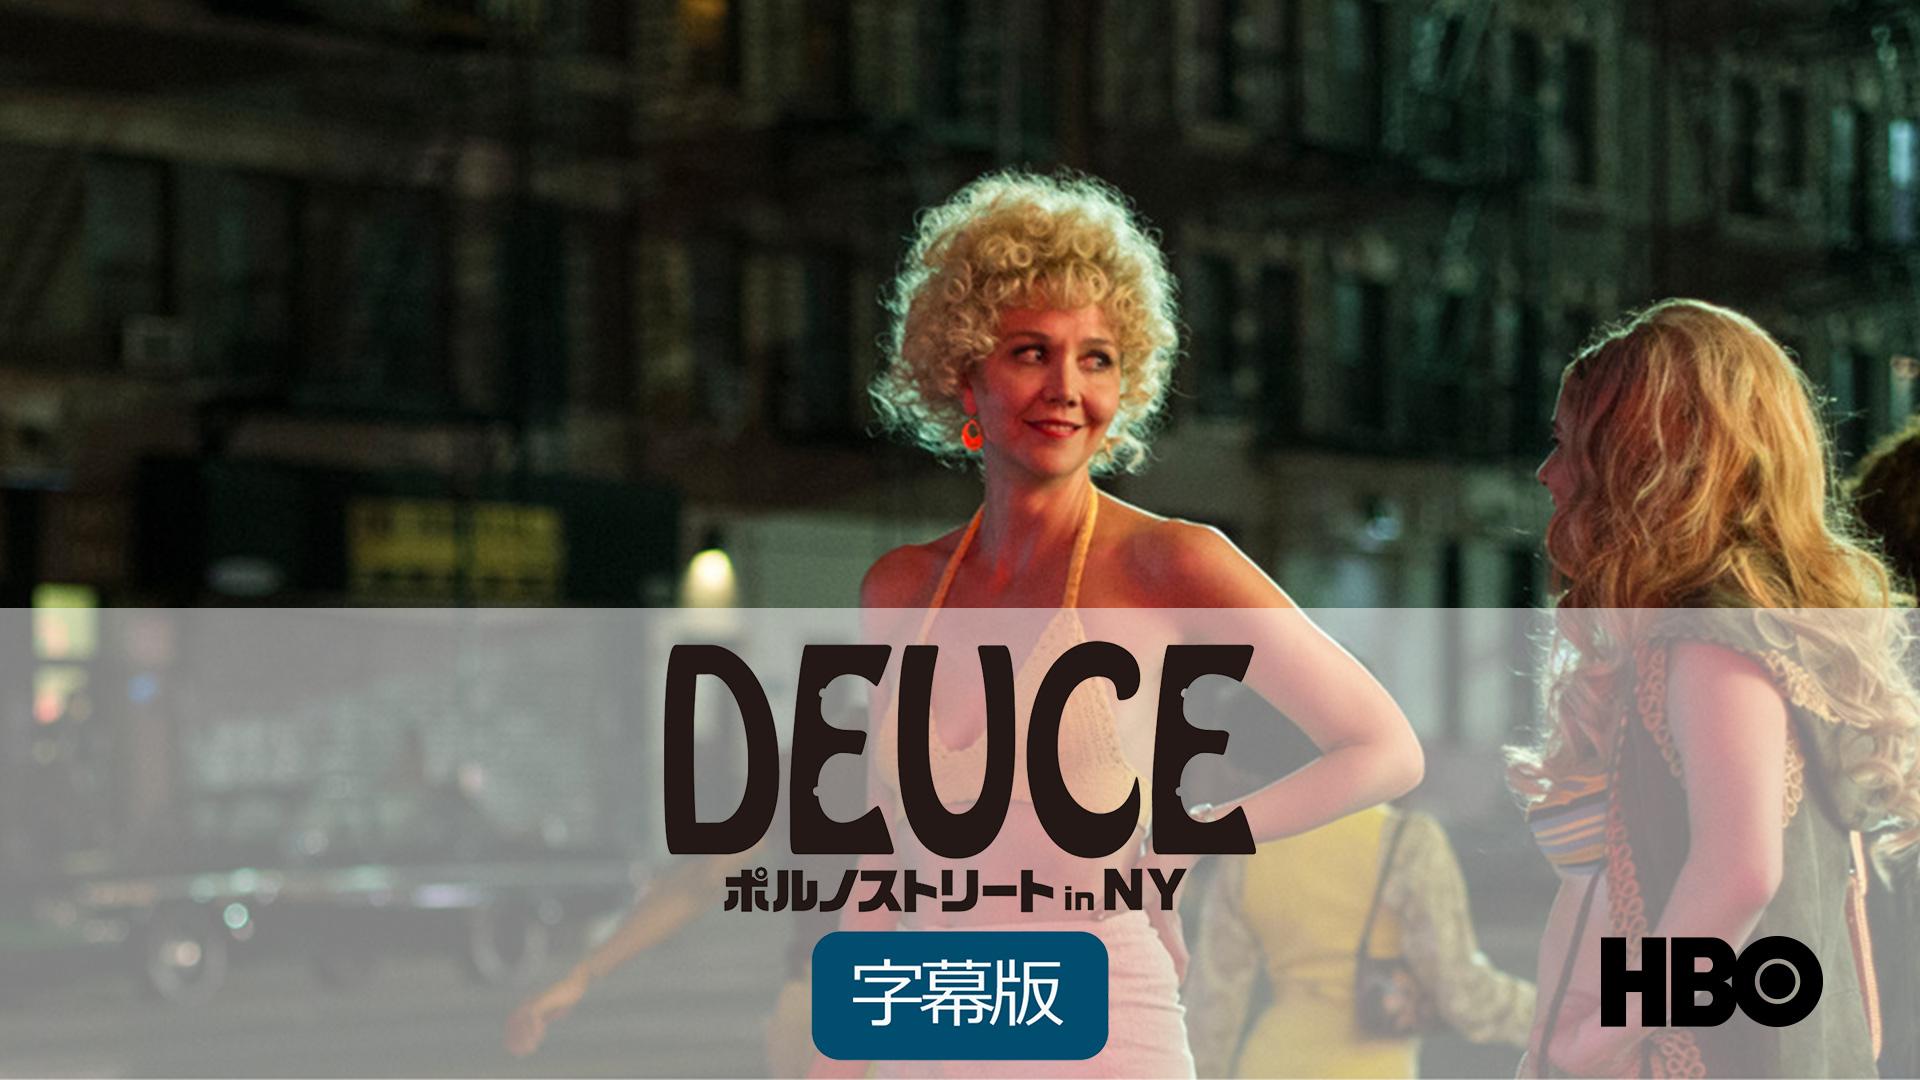 DEUCE/ポルノストリート in NY(字幕版)